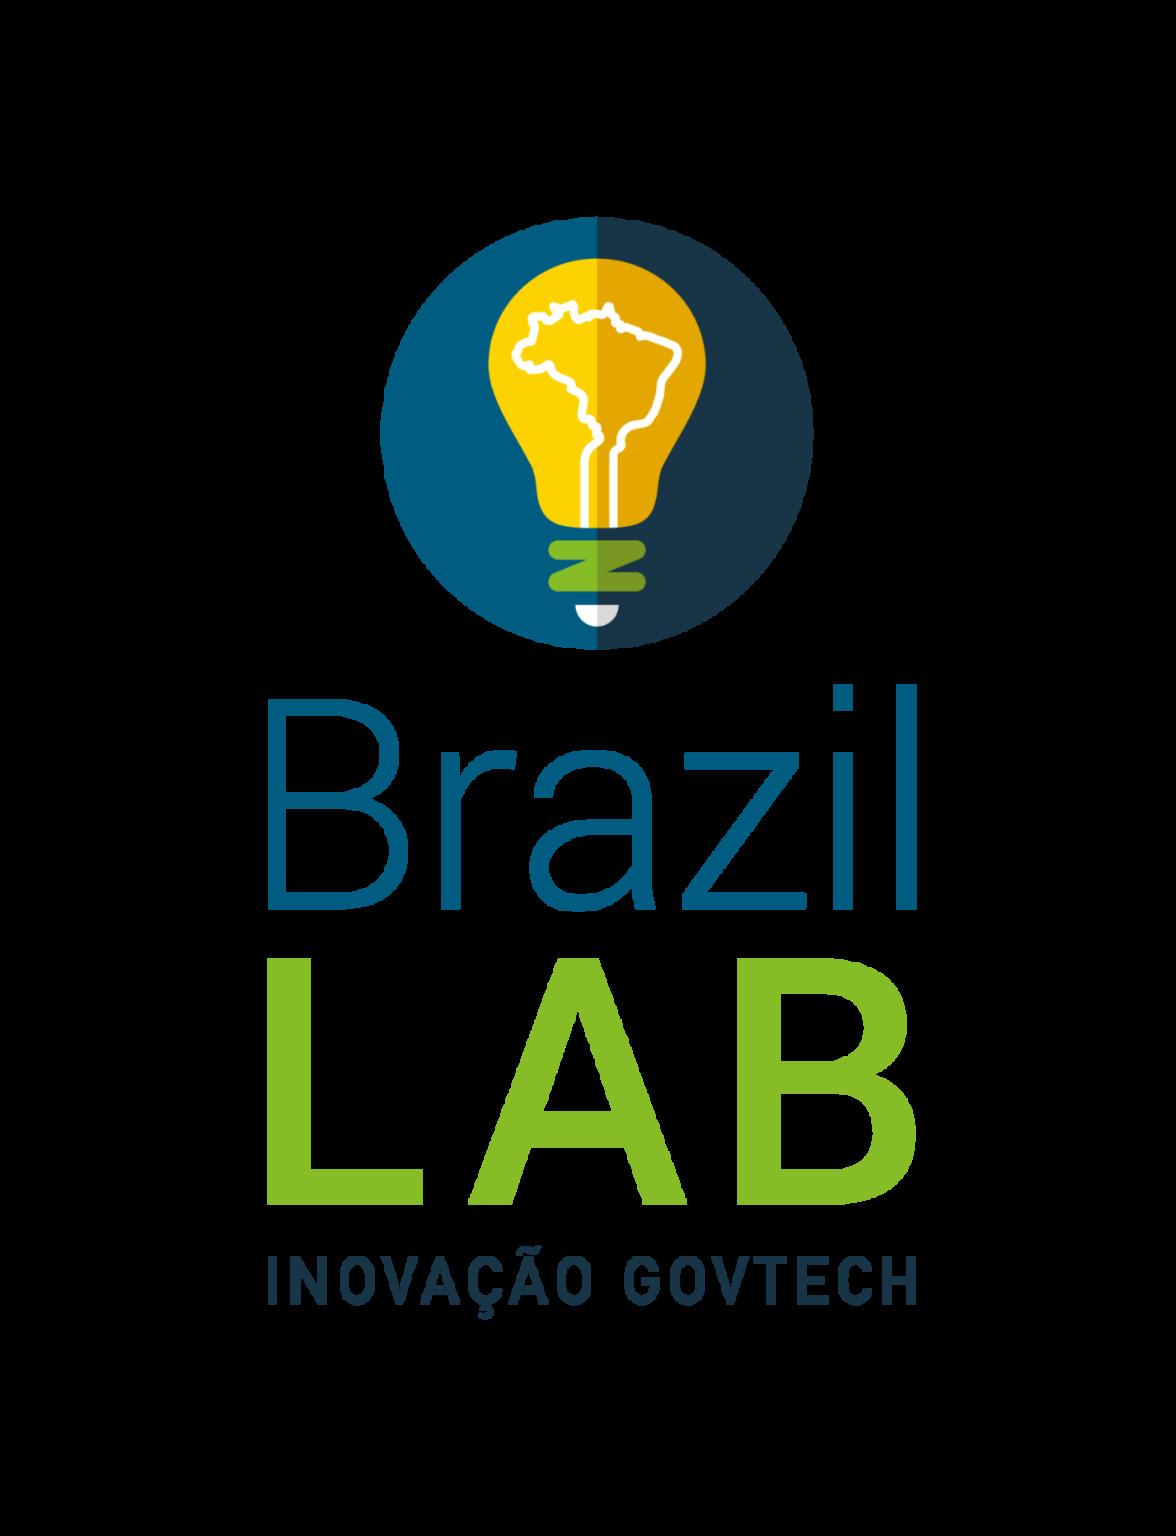 Programa de aceleração BraziLab